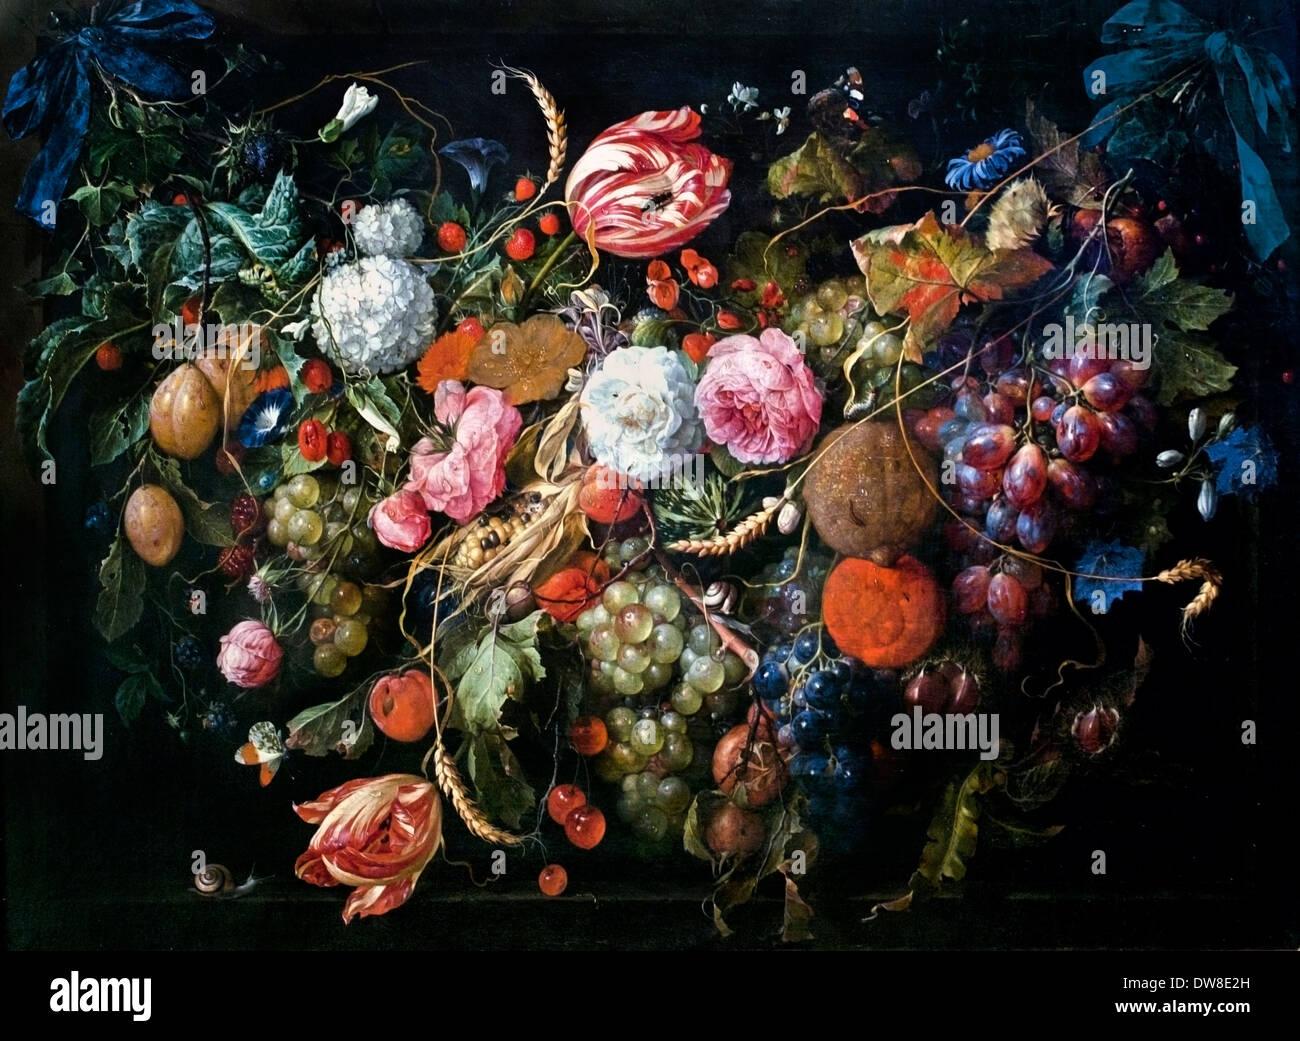 Ghirlanda di fiori e di frutti 1650 Jan Davidsz de Heem 1606 - 1684 Paesi Bassi Paesi Bassi Foto Stock